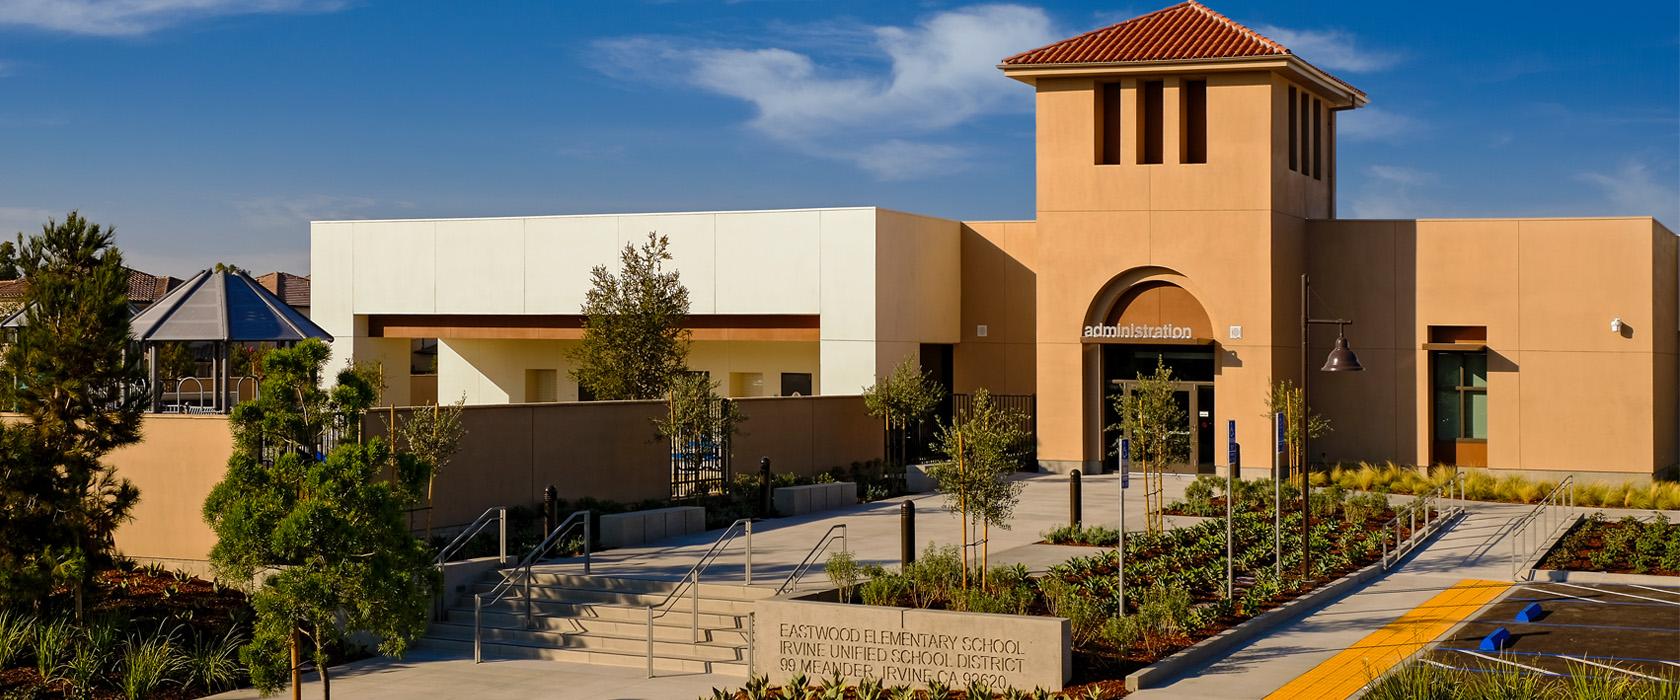 Eastwood Village - Find New Homes for Sale - Villages of Irvine